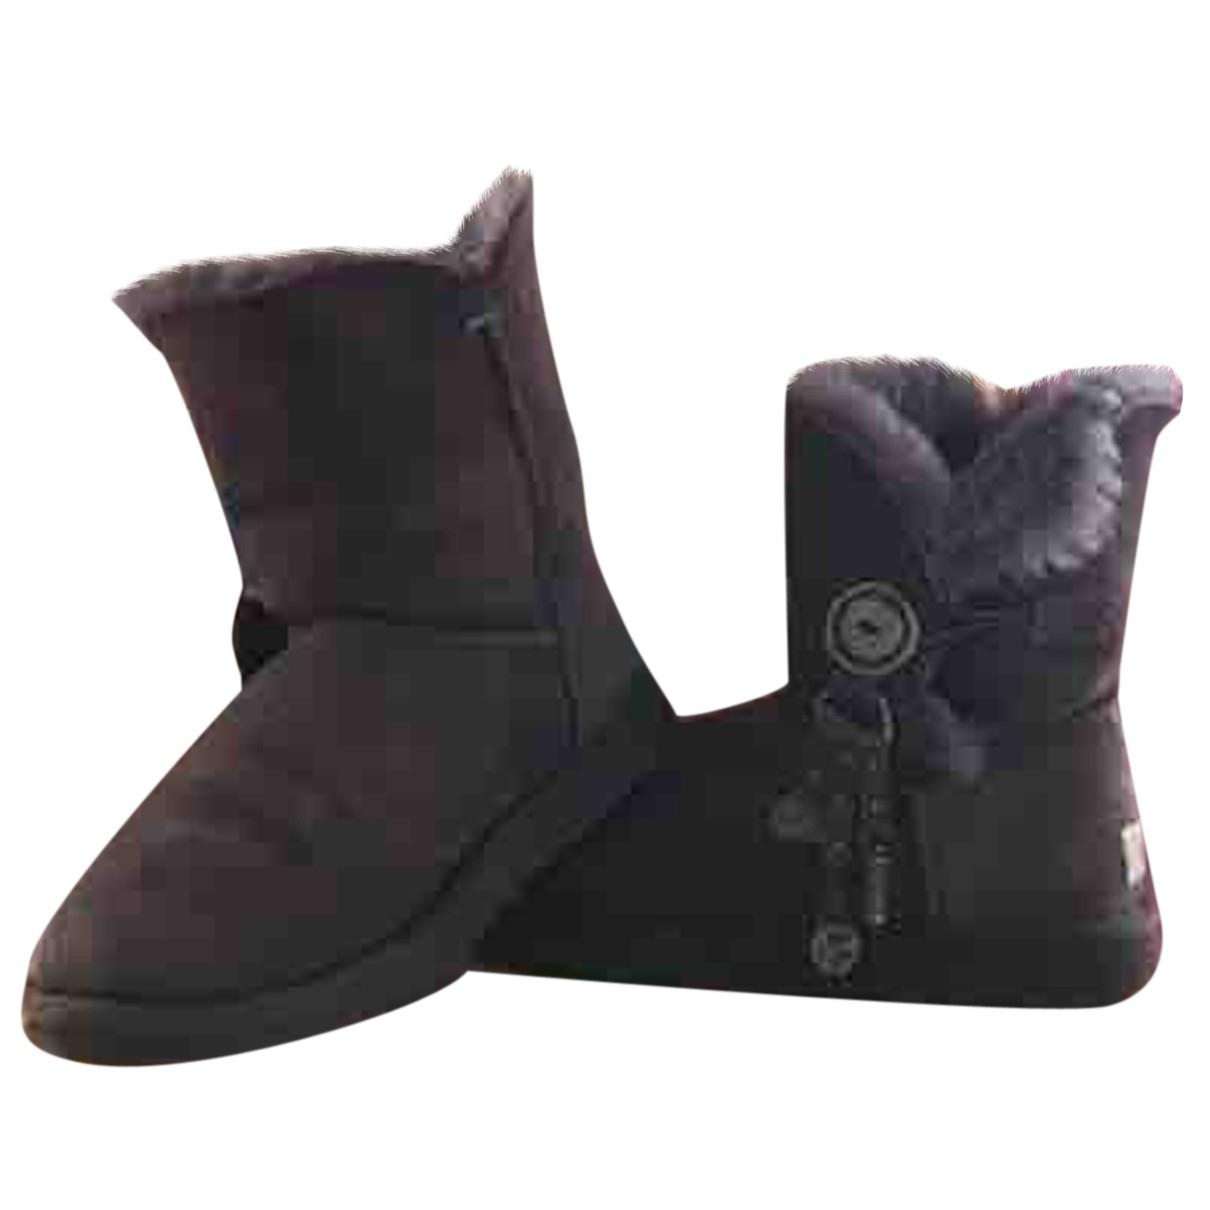 Ugg - Boots   pour femme en fourrure synthetique - violet